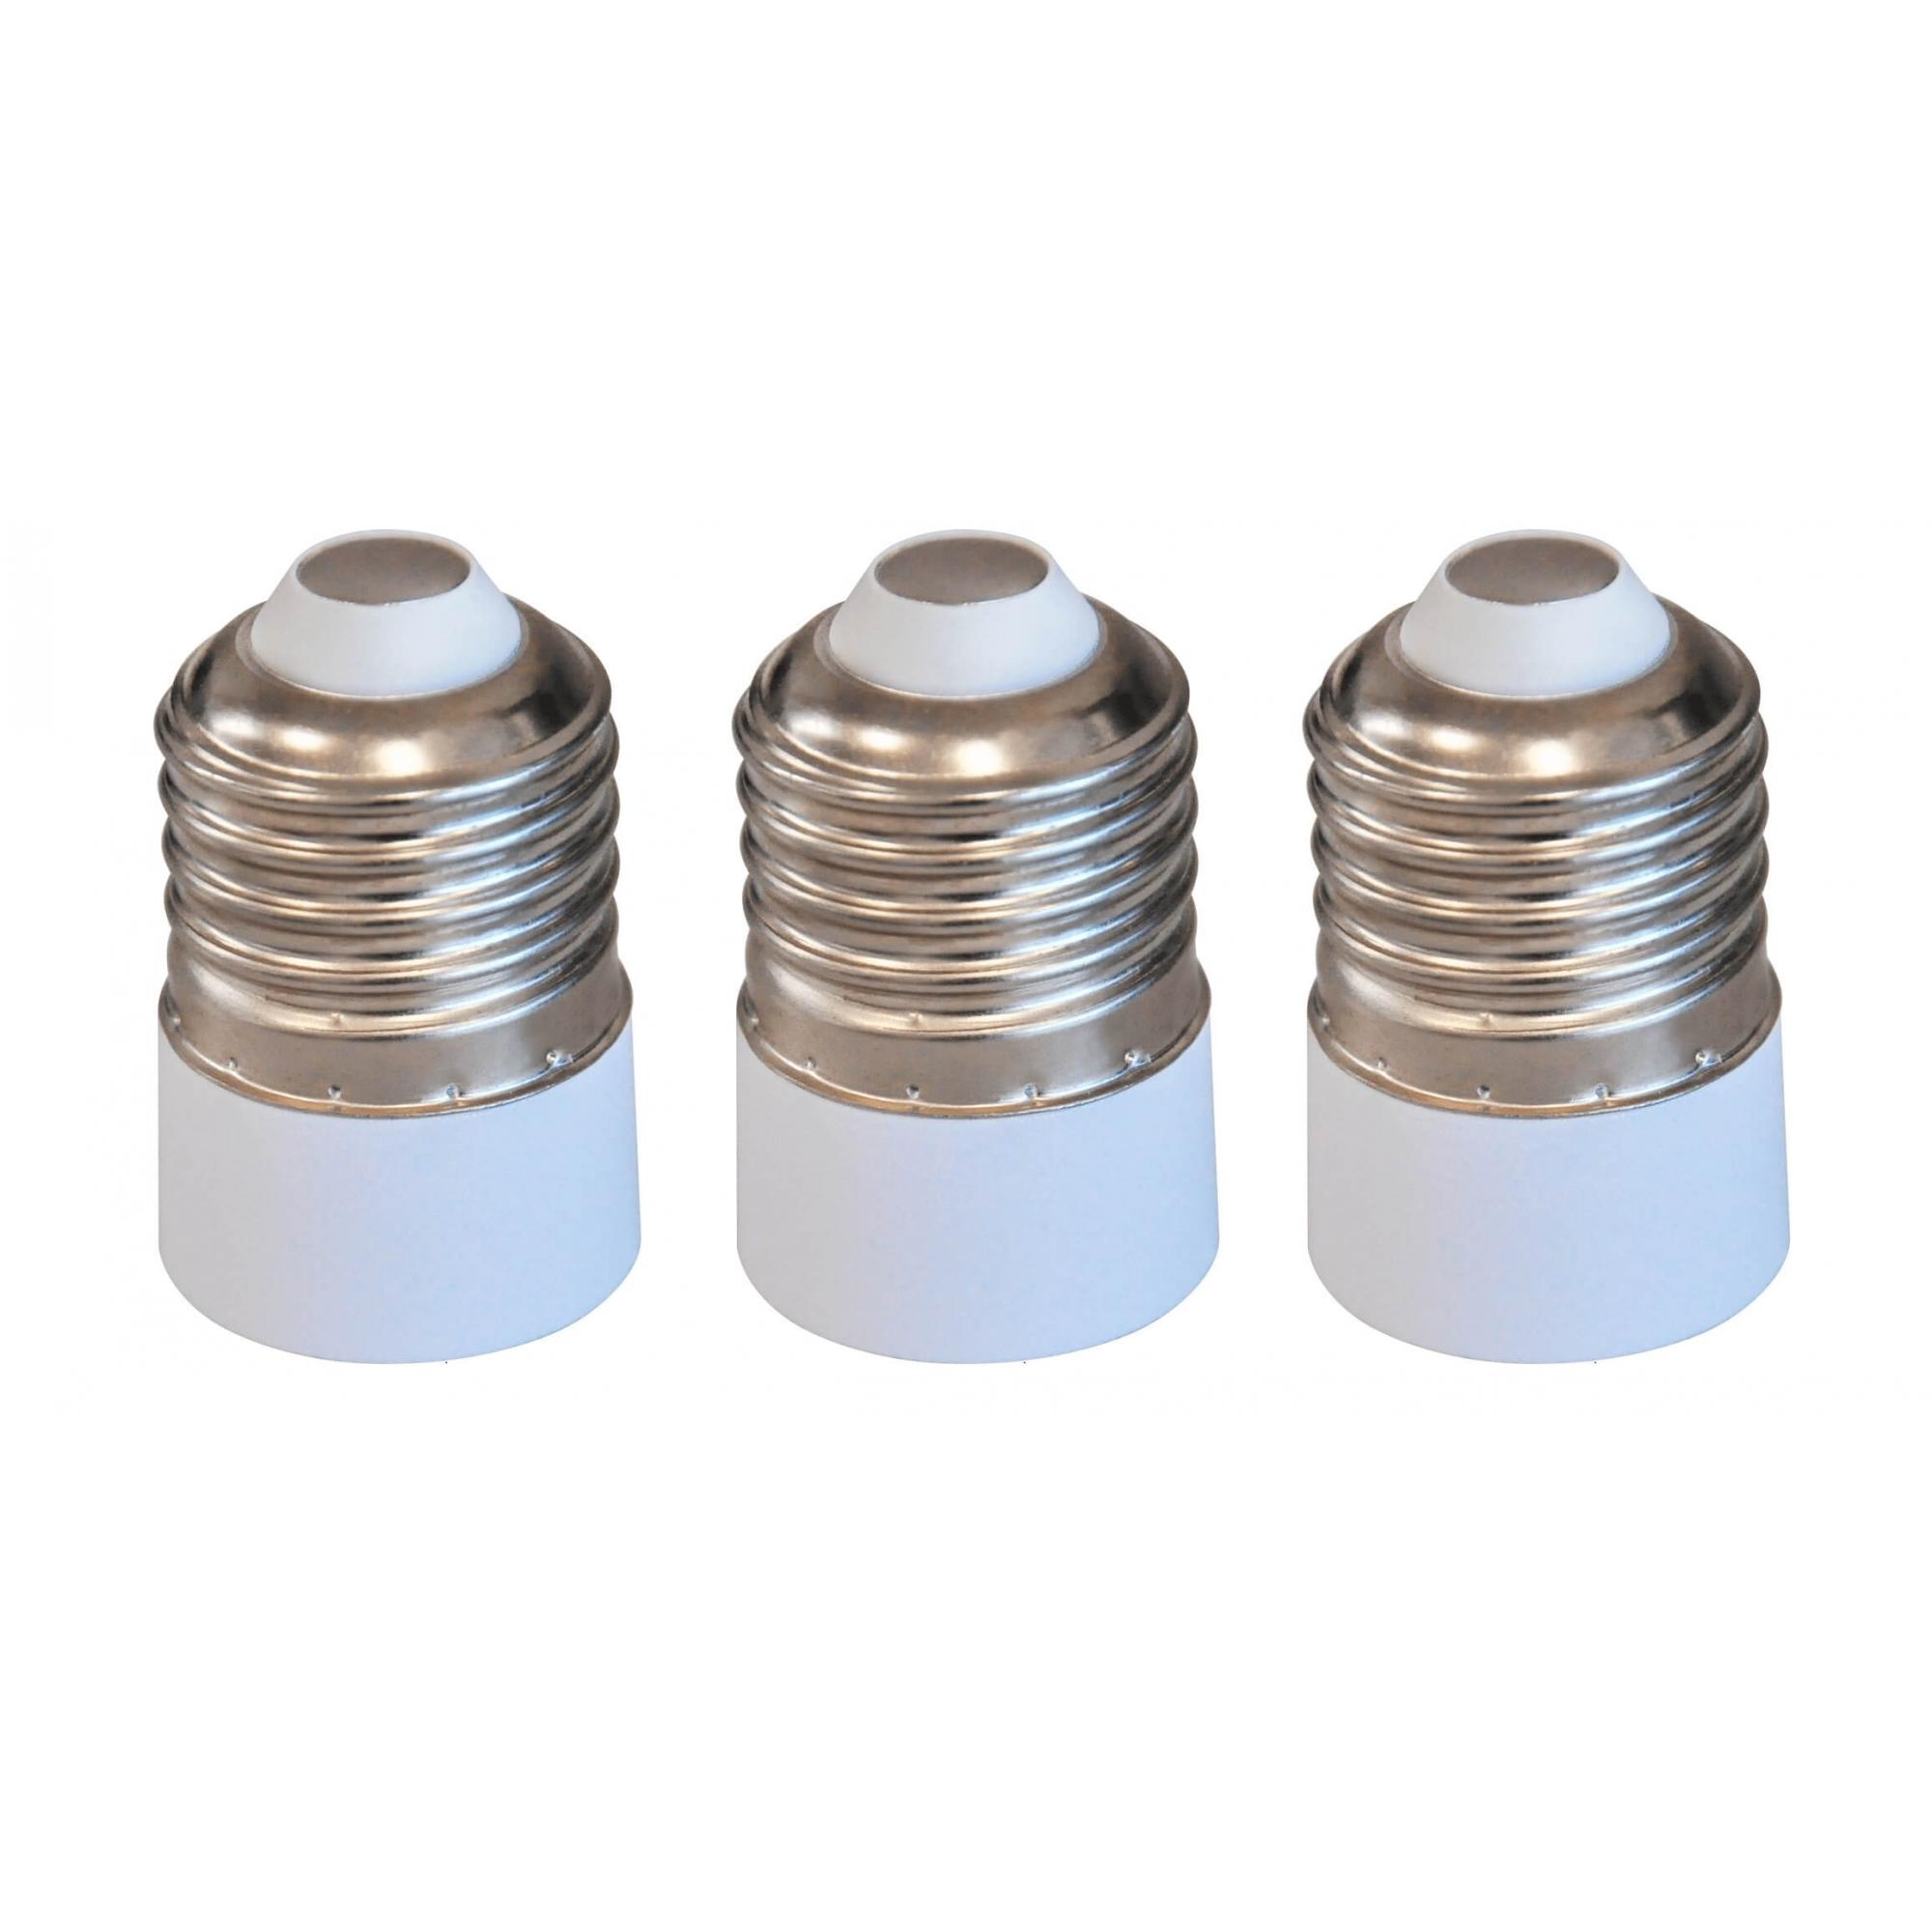 Kit 3 Adaptadores Soquete Bocal E27 Para E14